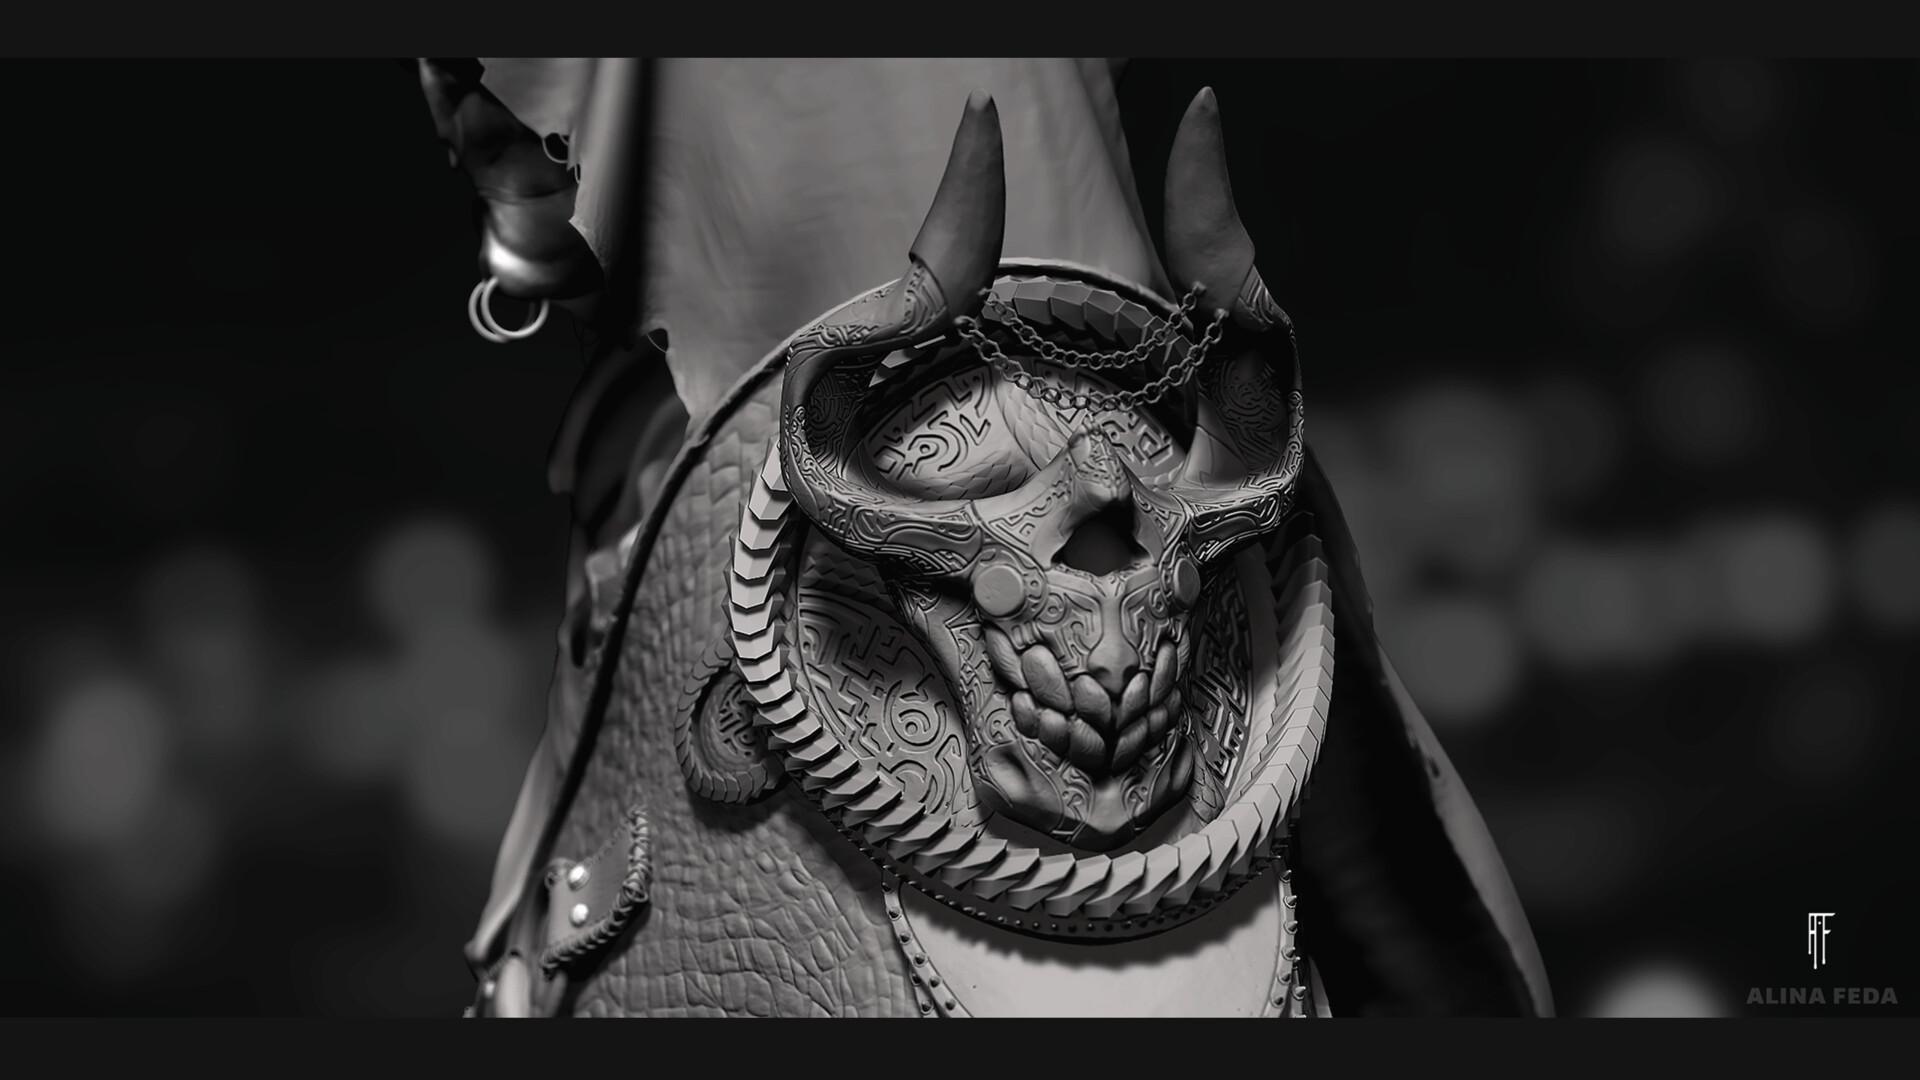 Alina feda hp skull